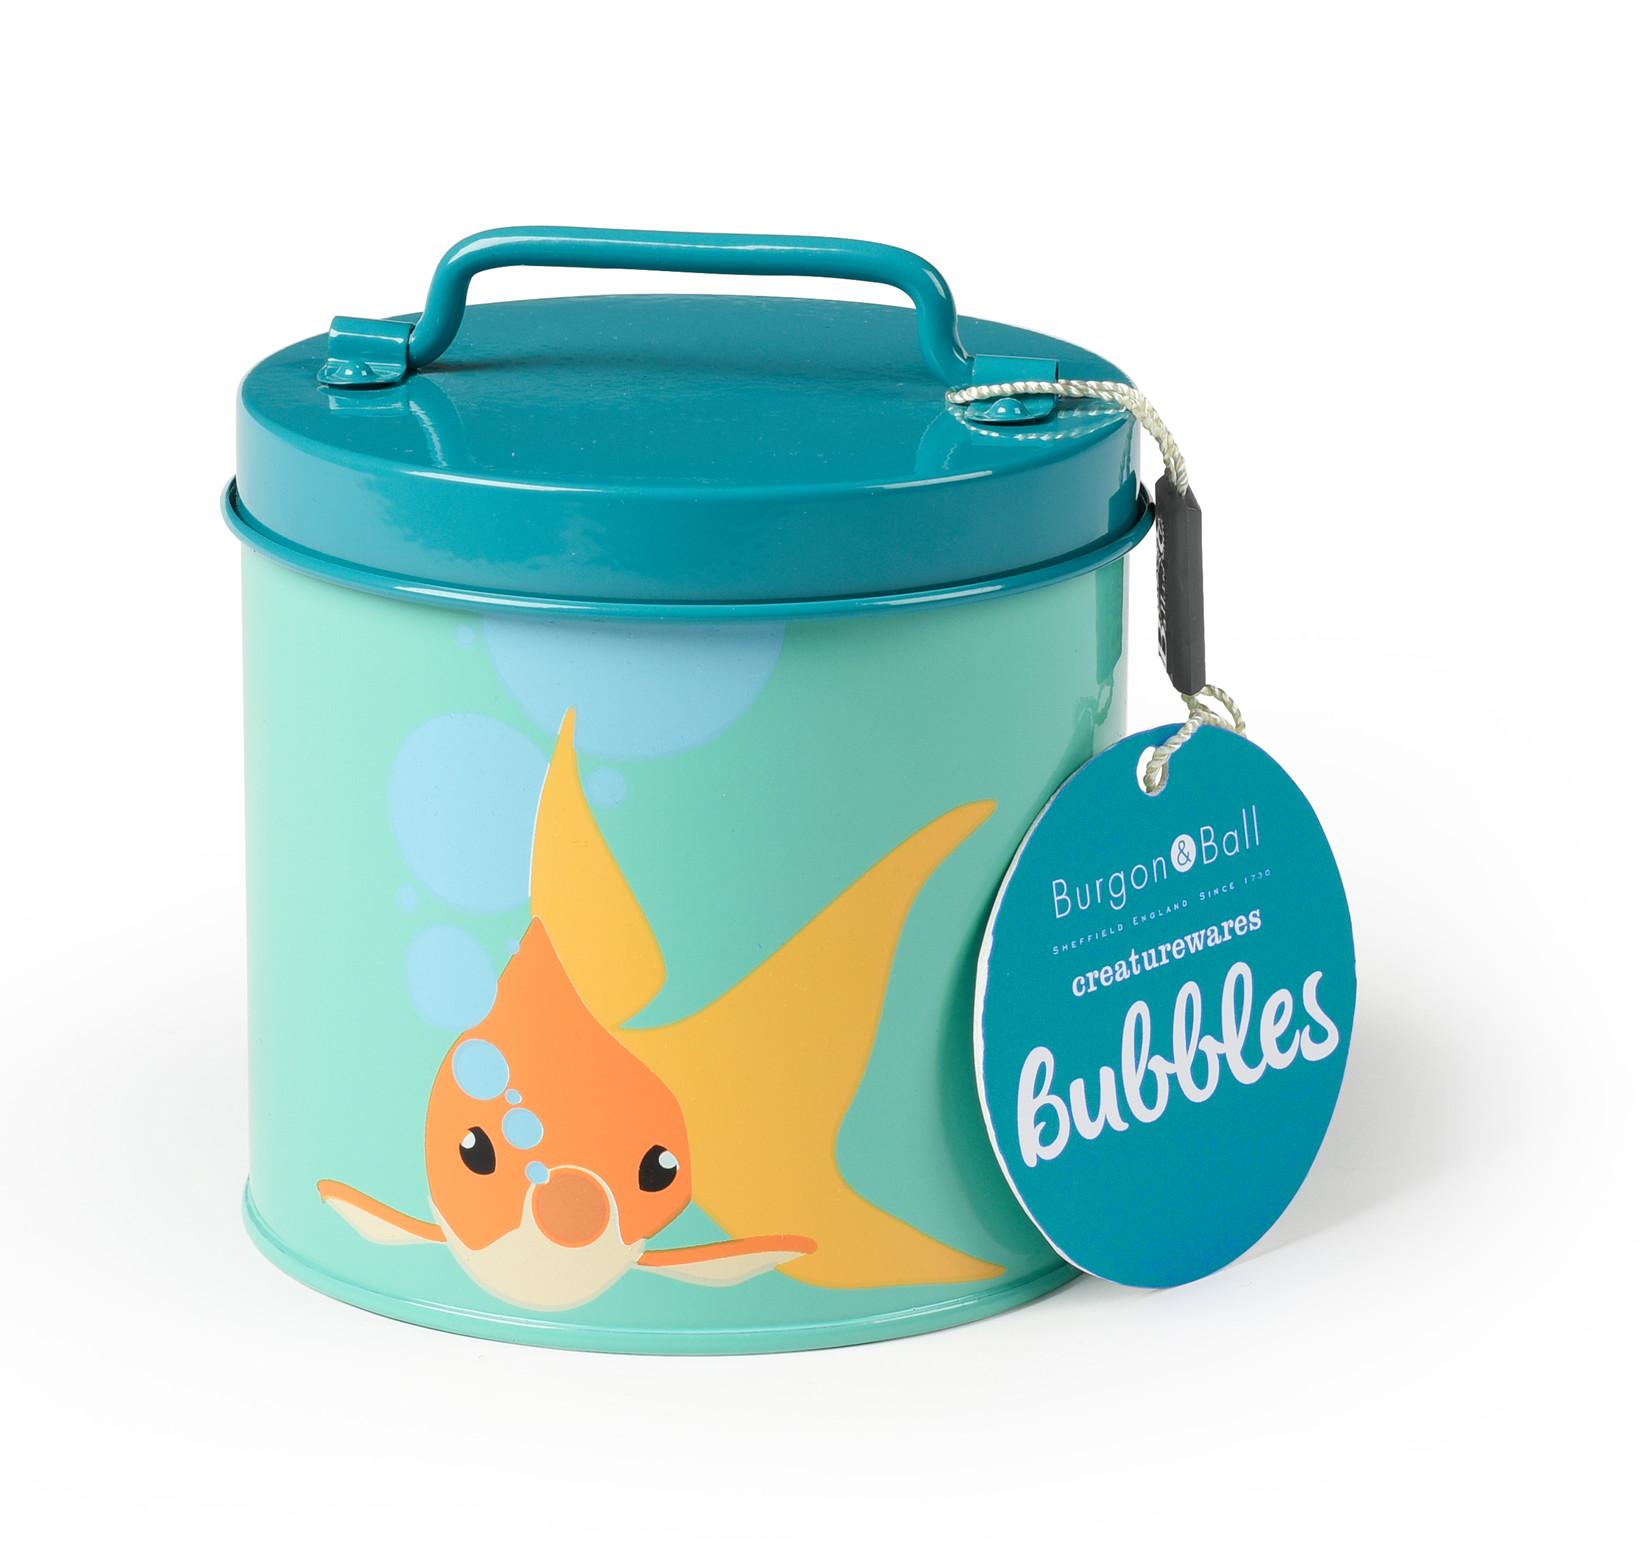 Luksus boks til fiske foder Burgon & Ball UK(GCR/FISH)